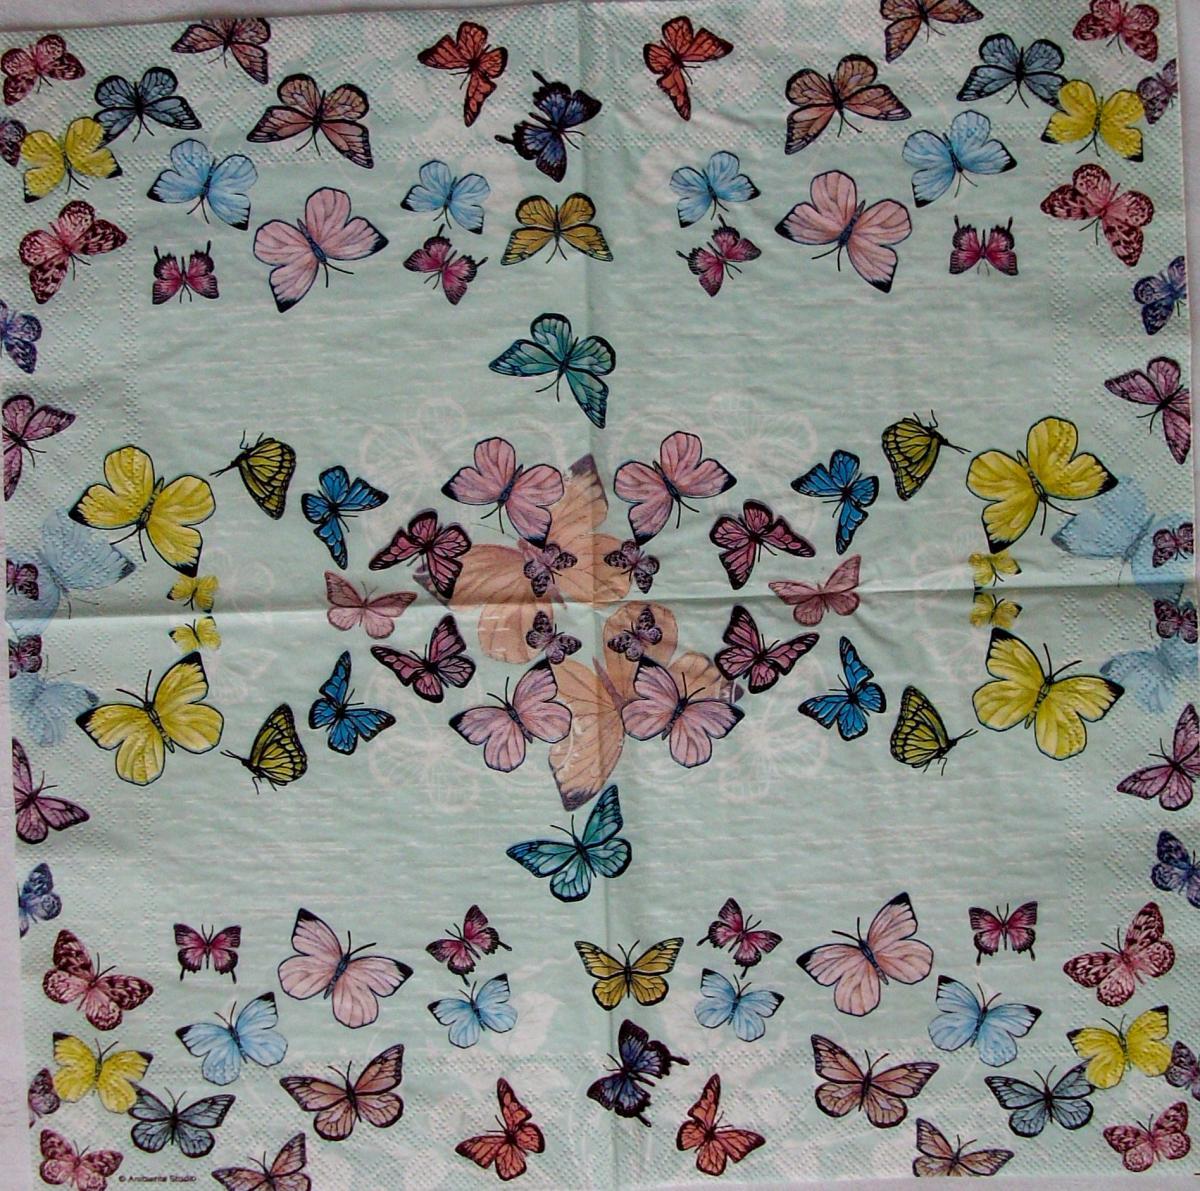 Blumenvase mit Sommerblumen 5 Servietten PAW